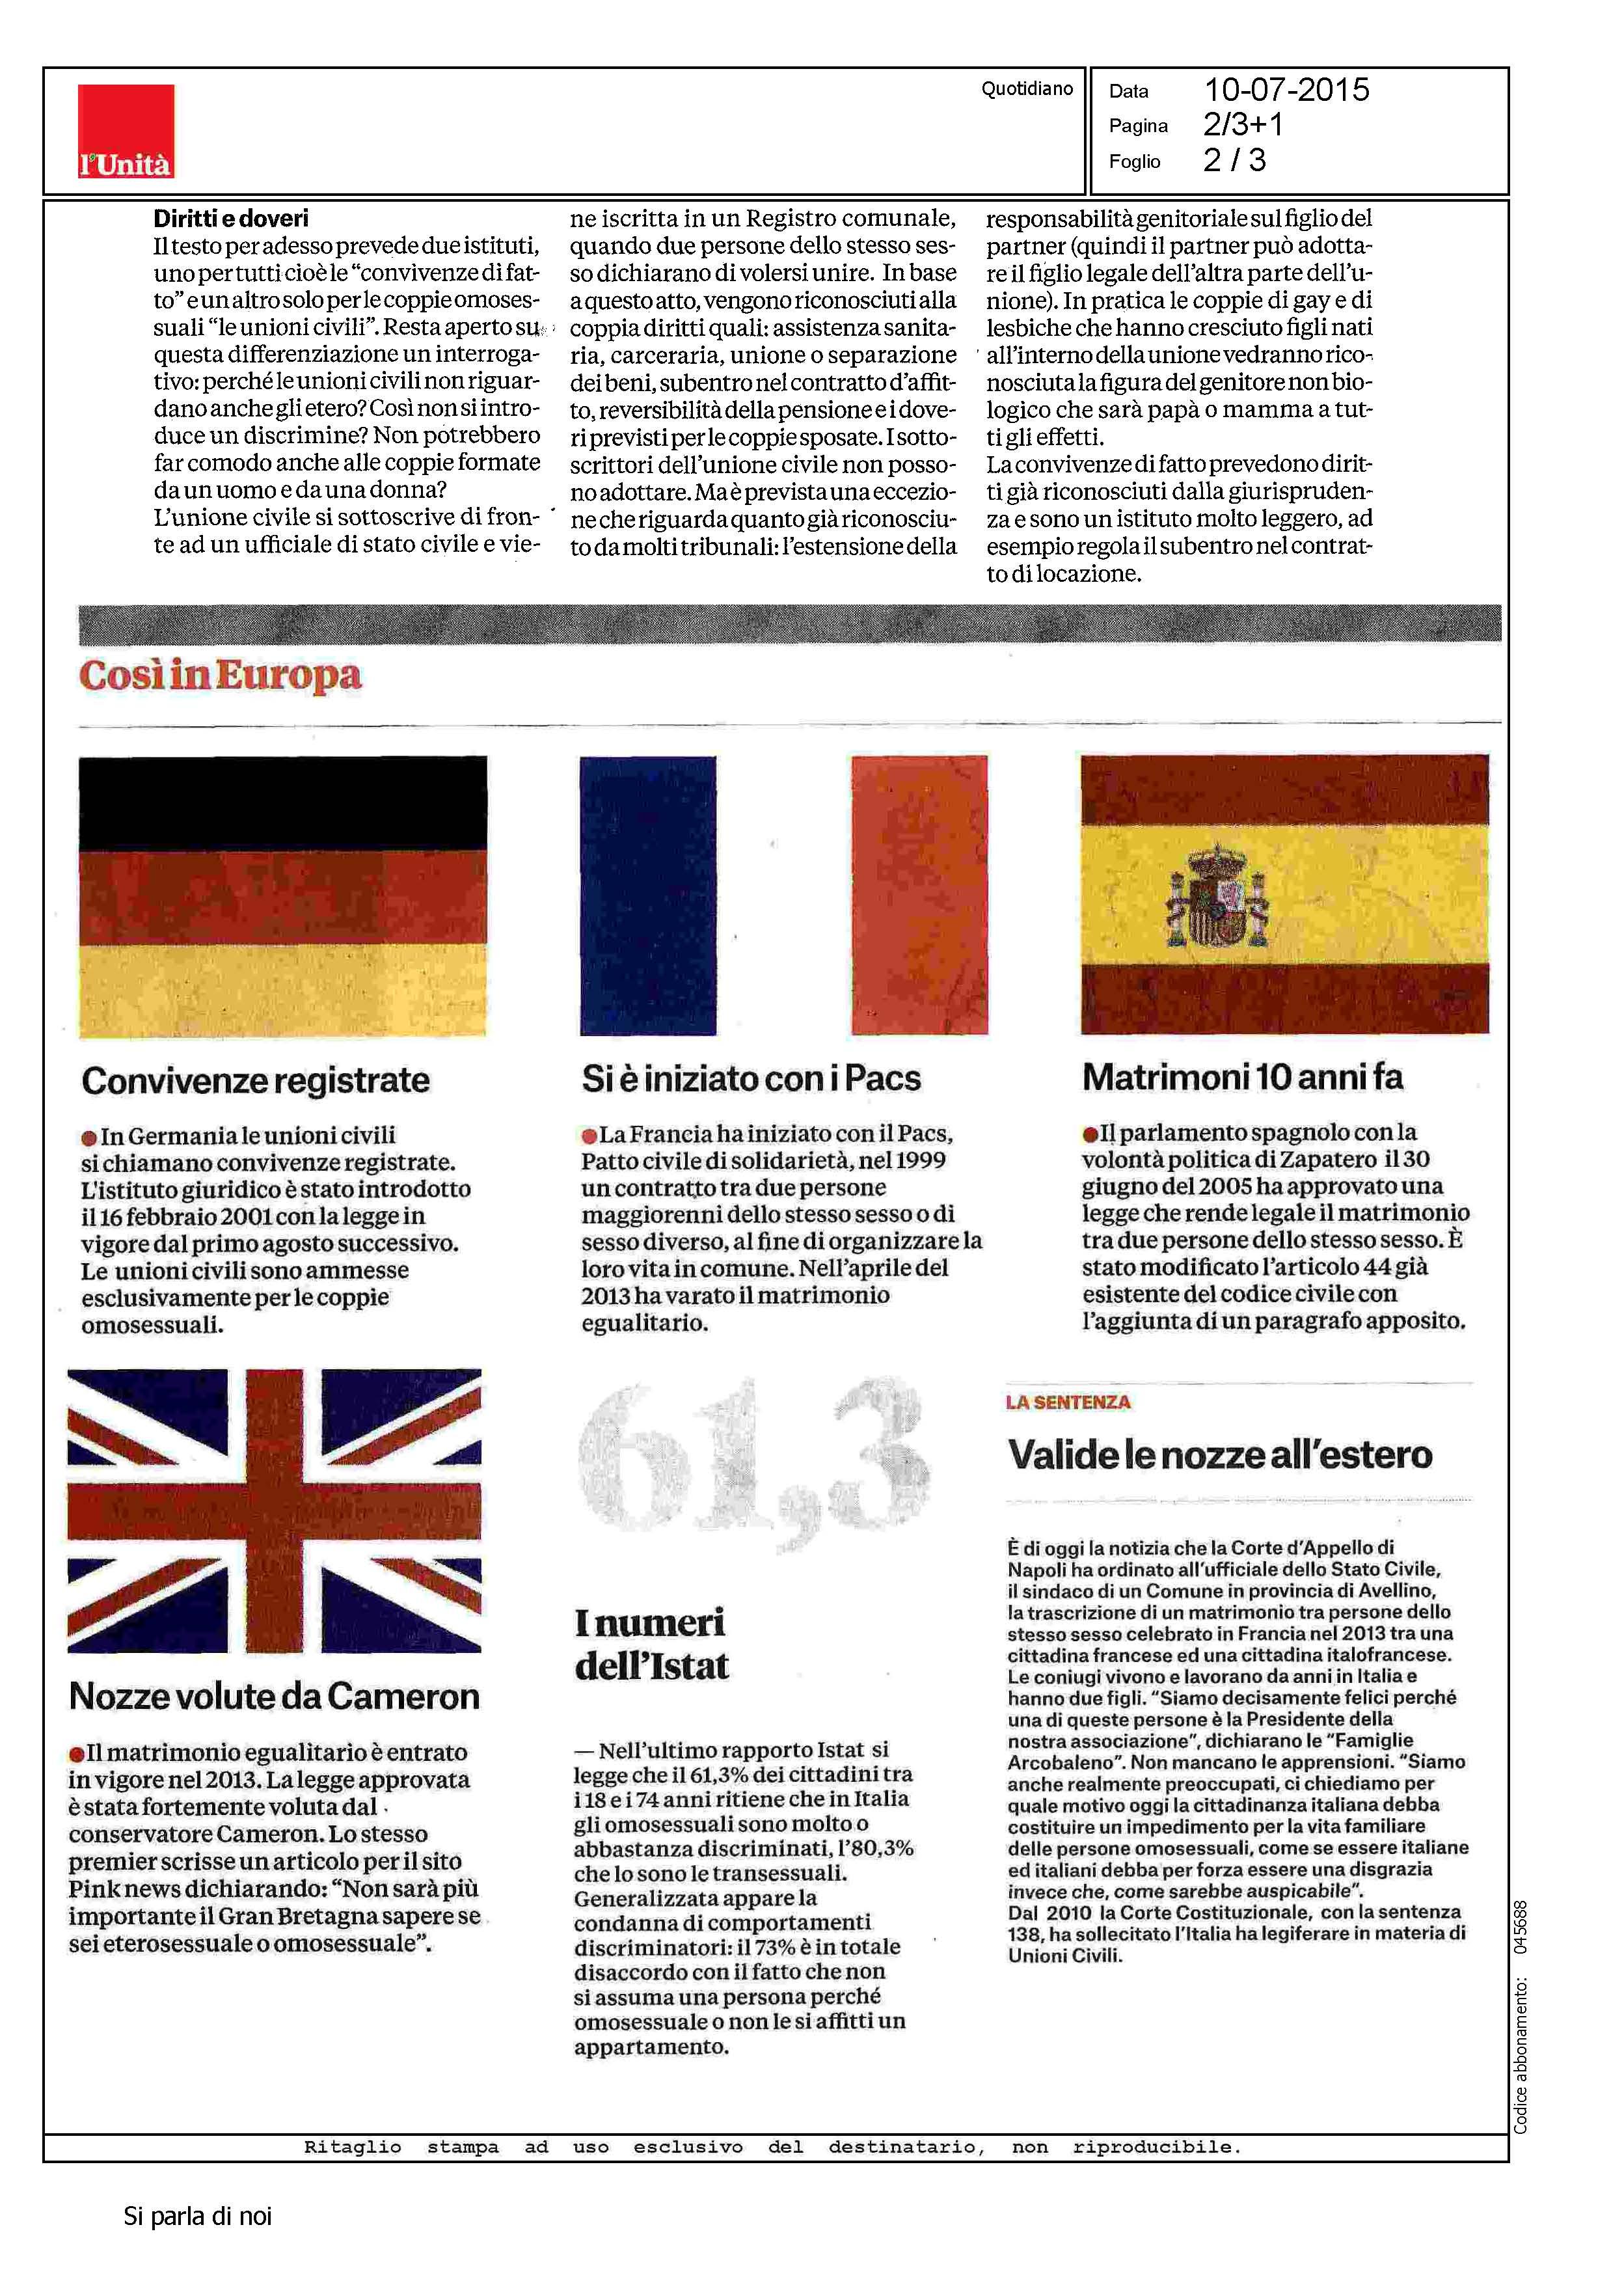 unita unioni civili vaccarello Page 2